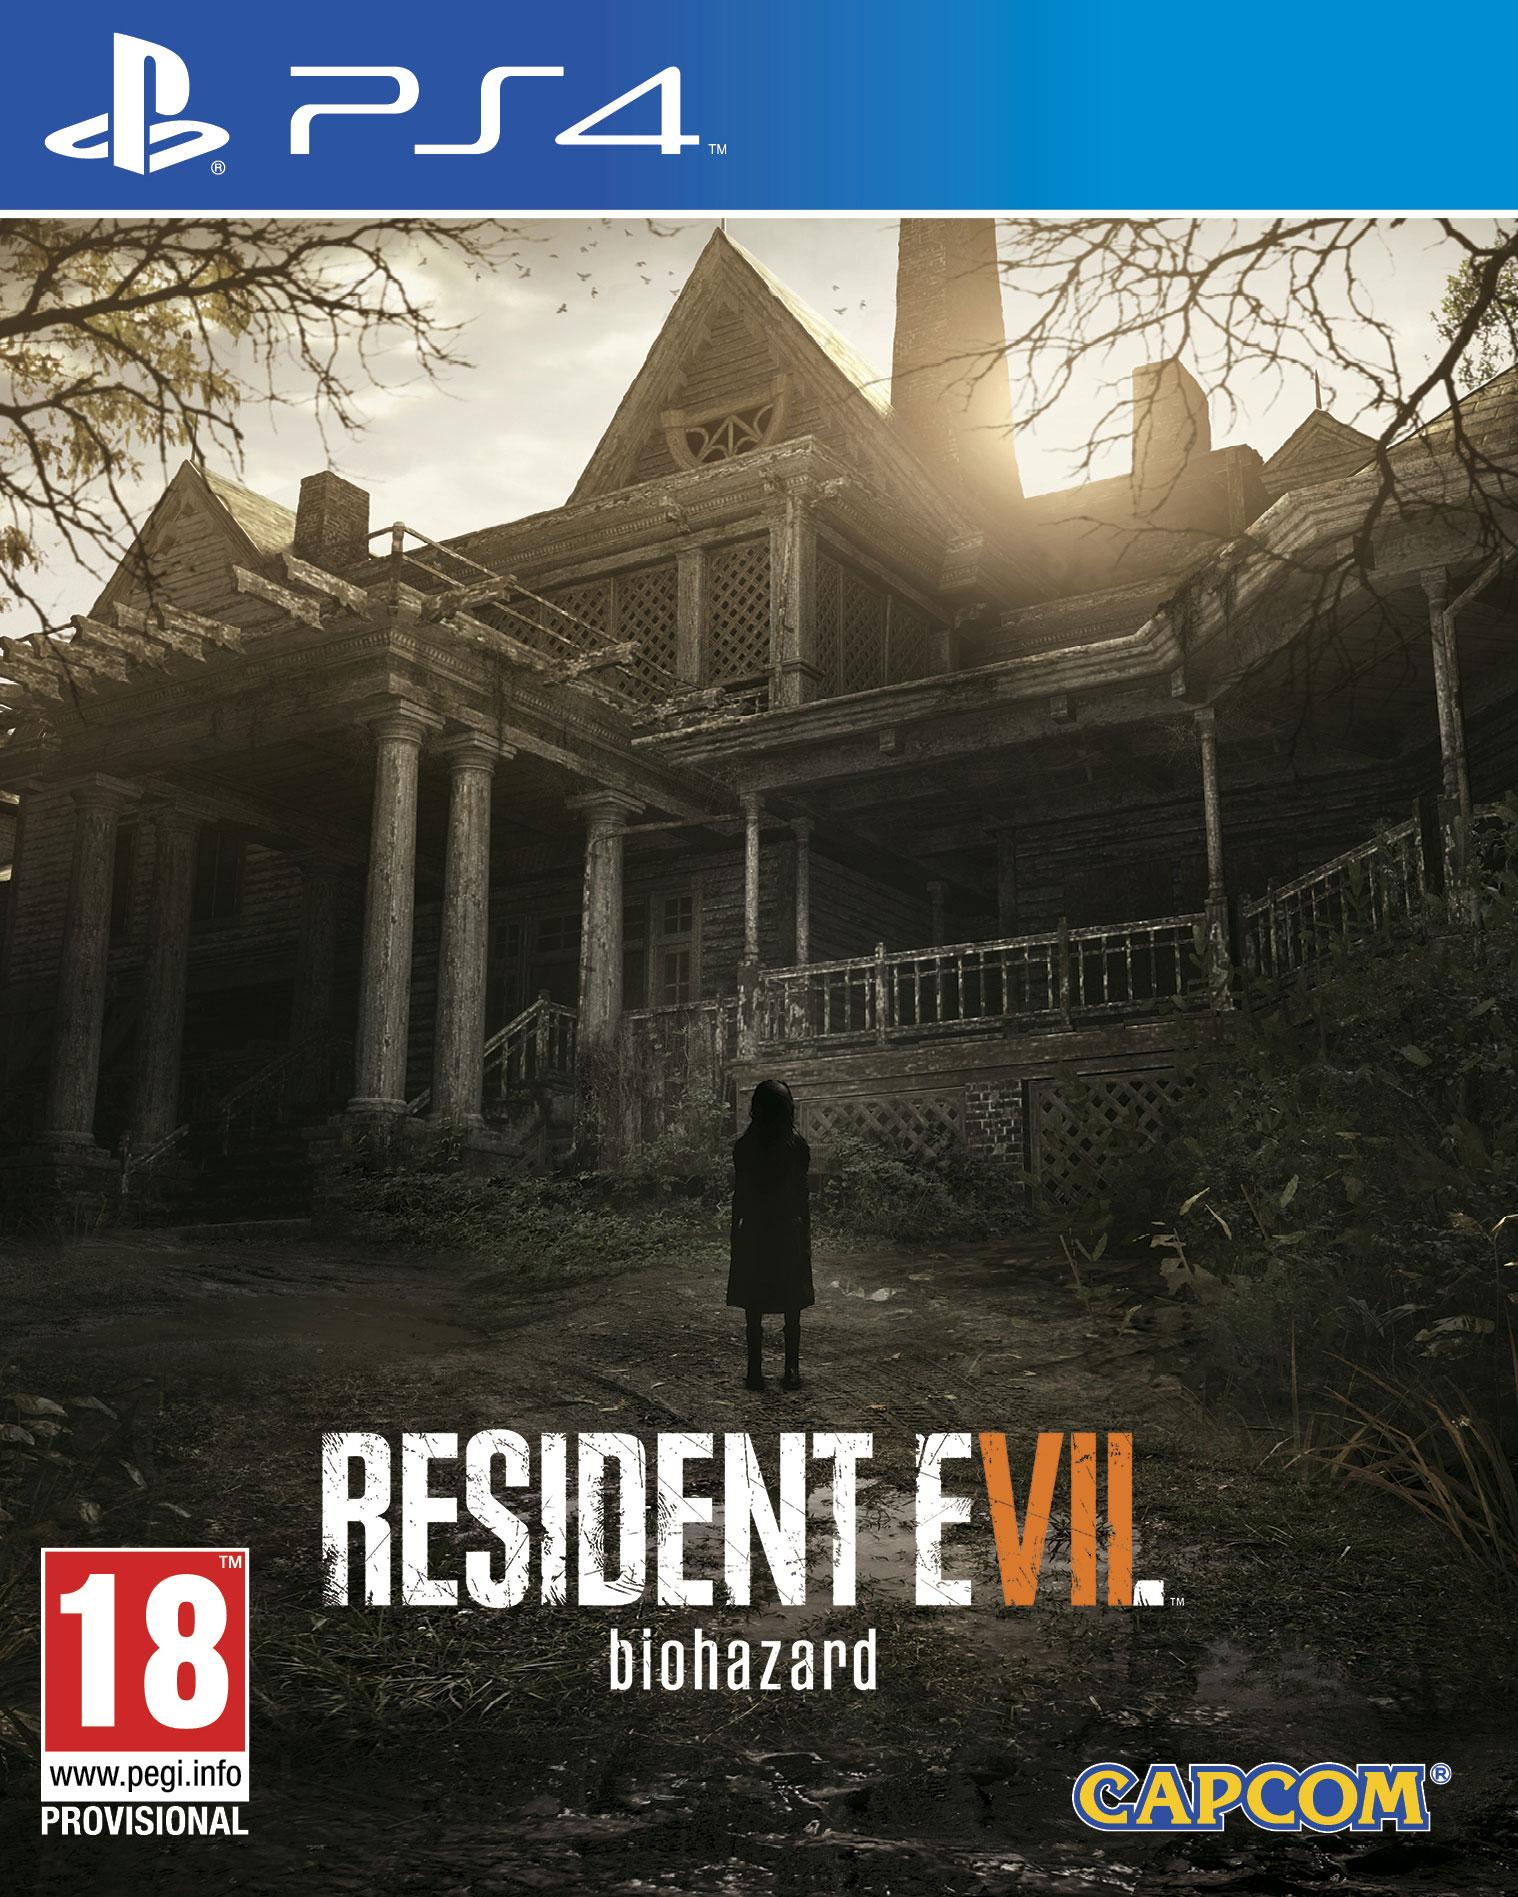 Resident Evil 7 (PS4 & Xbox One) für 49,99 € inkl. VK vorbestellen [Gameware.at]